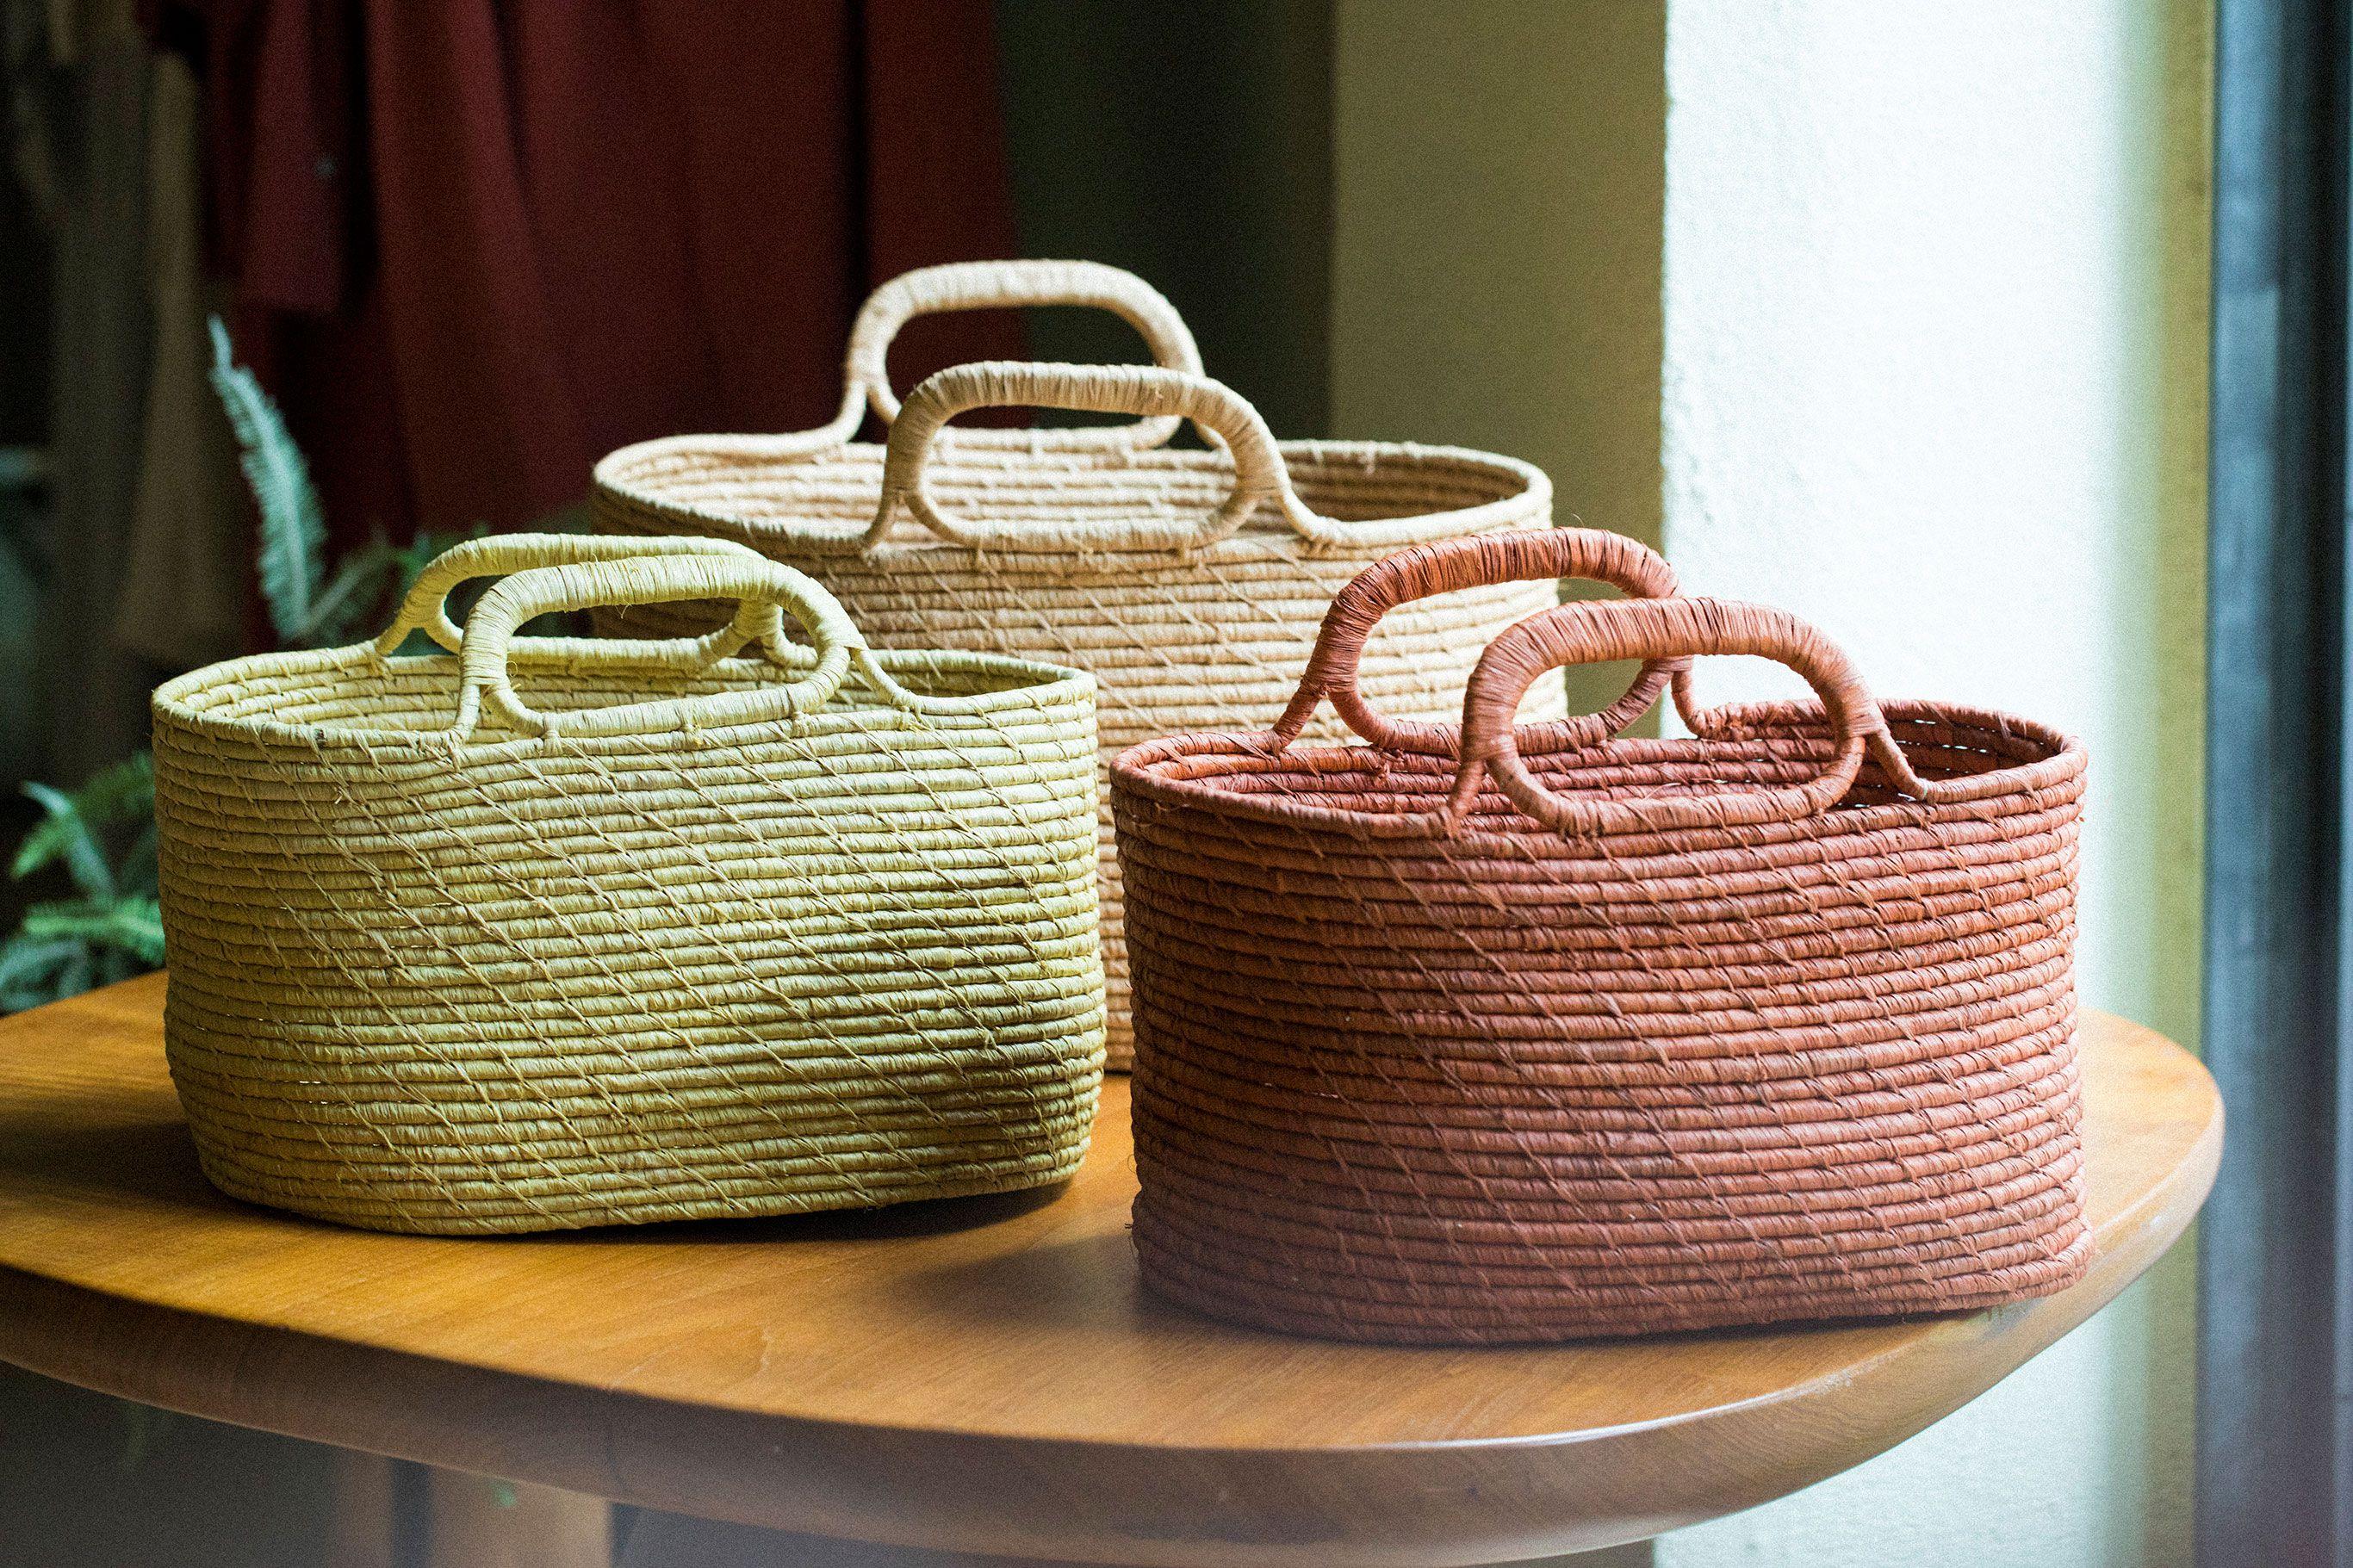 ラフィアのコイル編みのカゴはマダガスカル産。夏らしい色味のカゴで季節を楽しむ。小12,960円 大16,200円(どちらも税込)